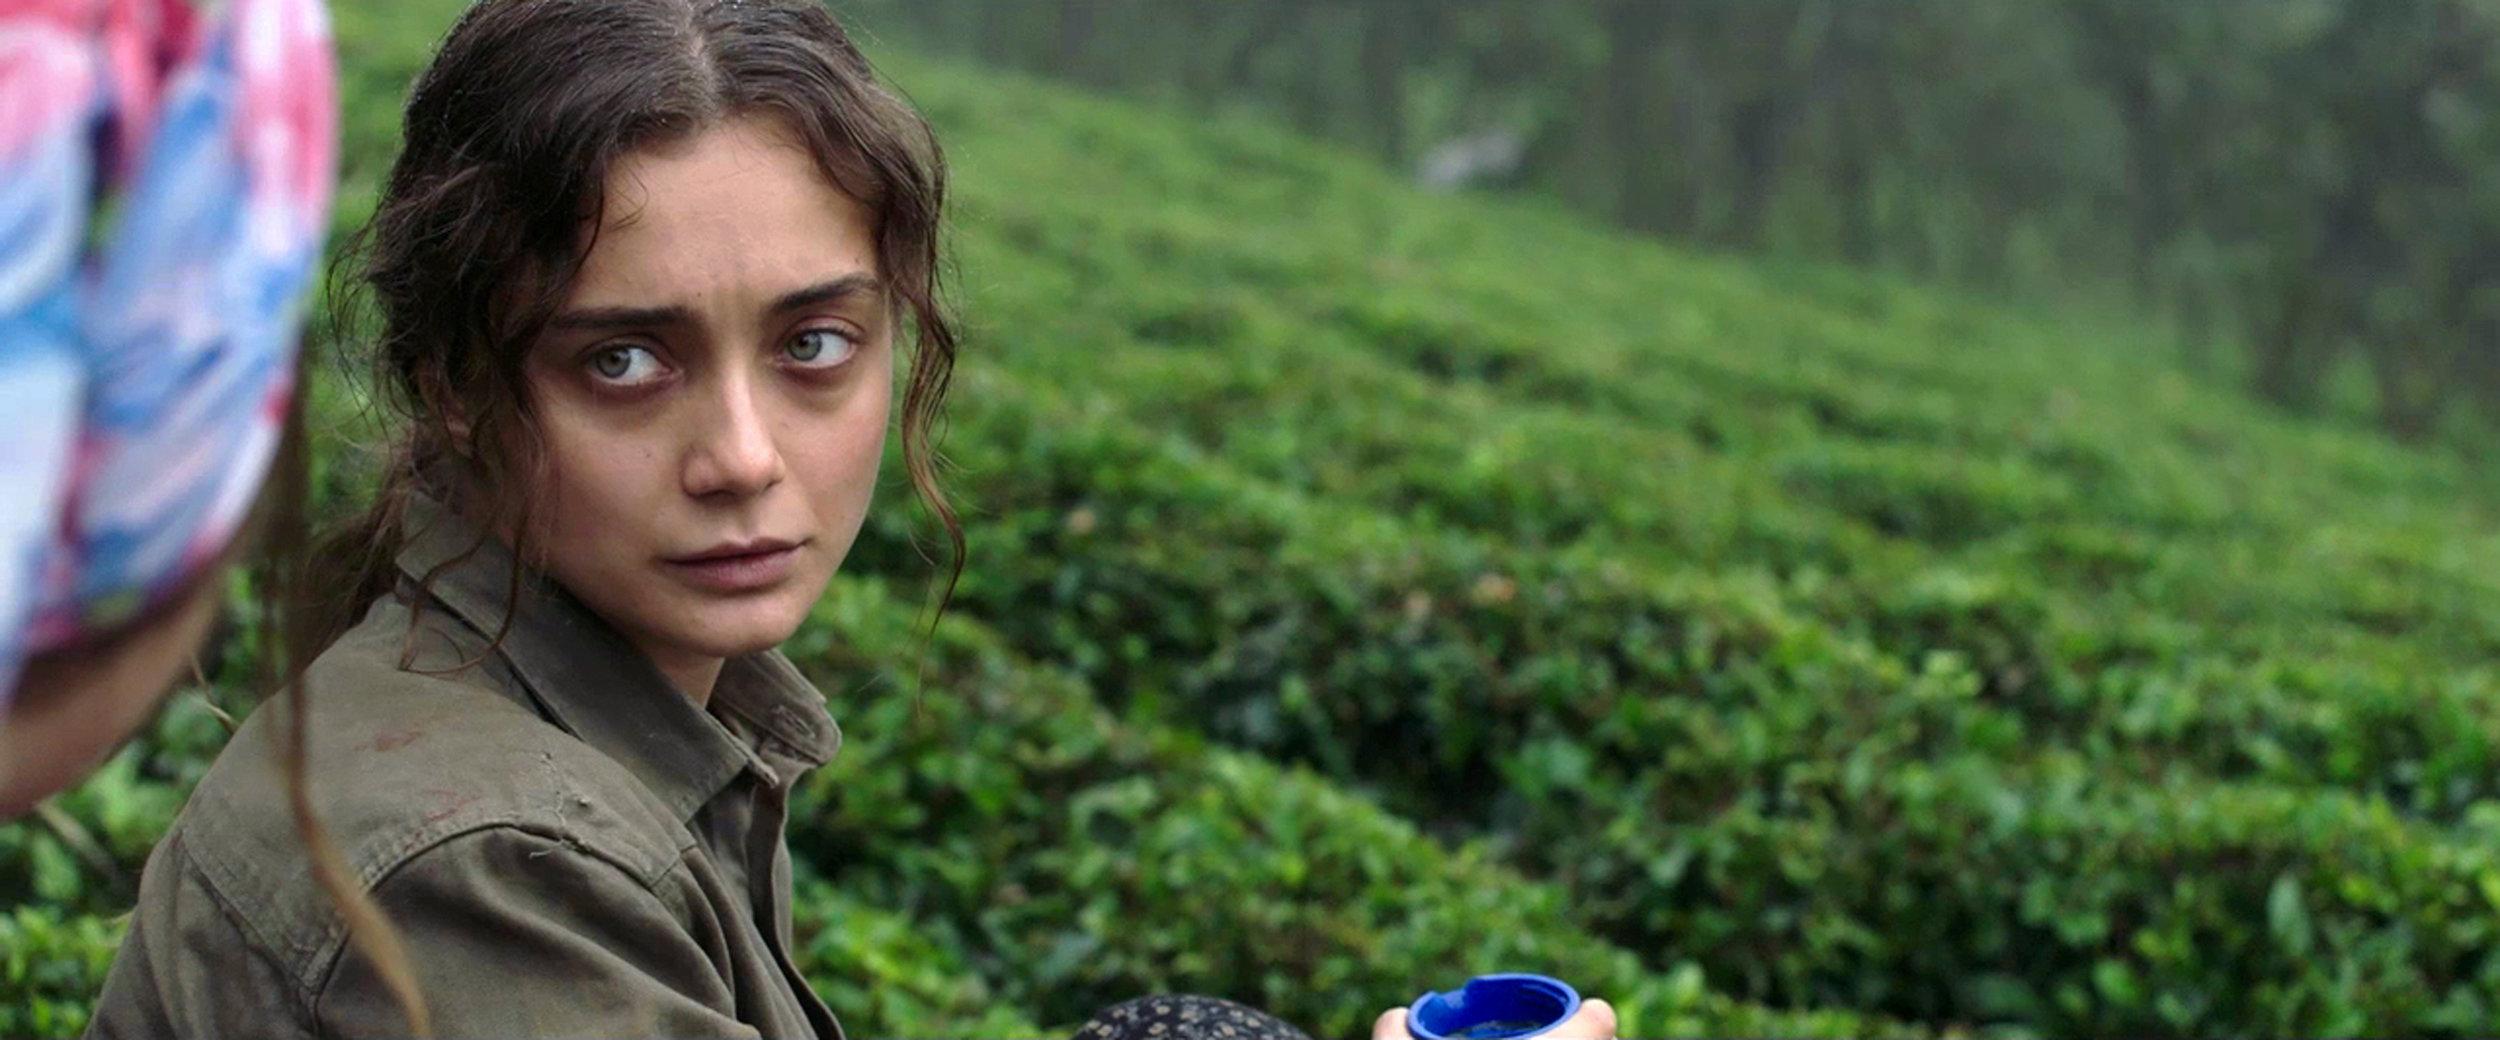 Sibel (Damla Sönmez) slåss mot tradisjonen med bortgifting av unge jenter i en tyrkisk landsby.